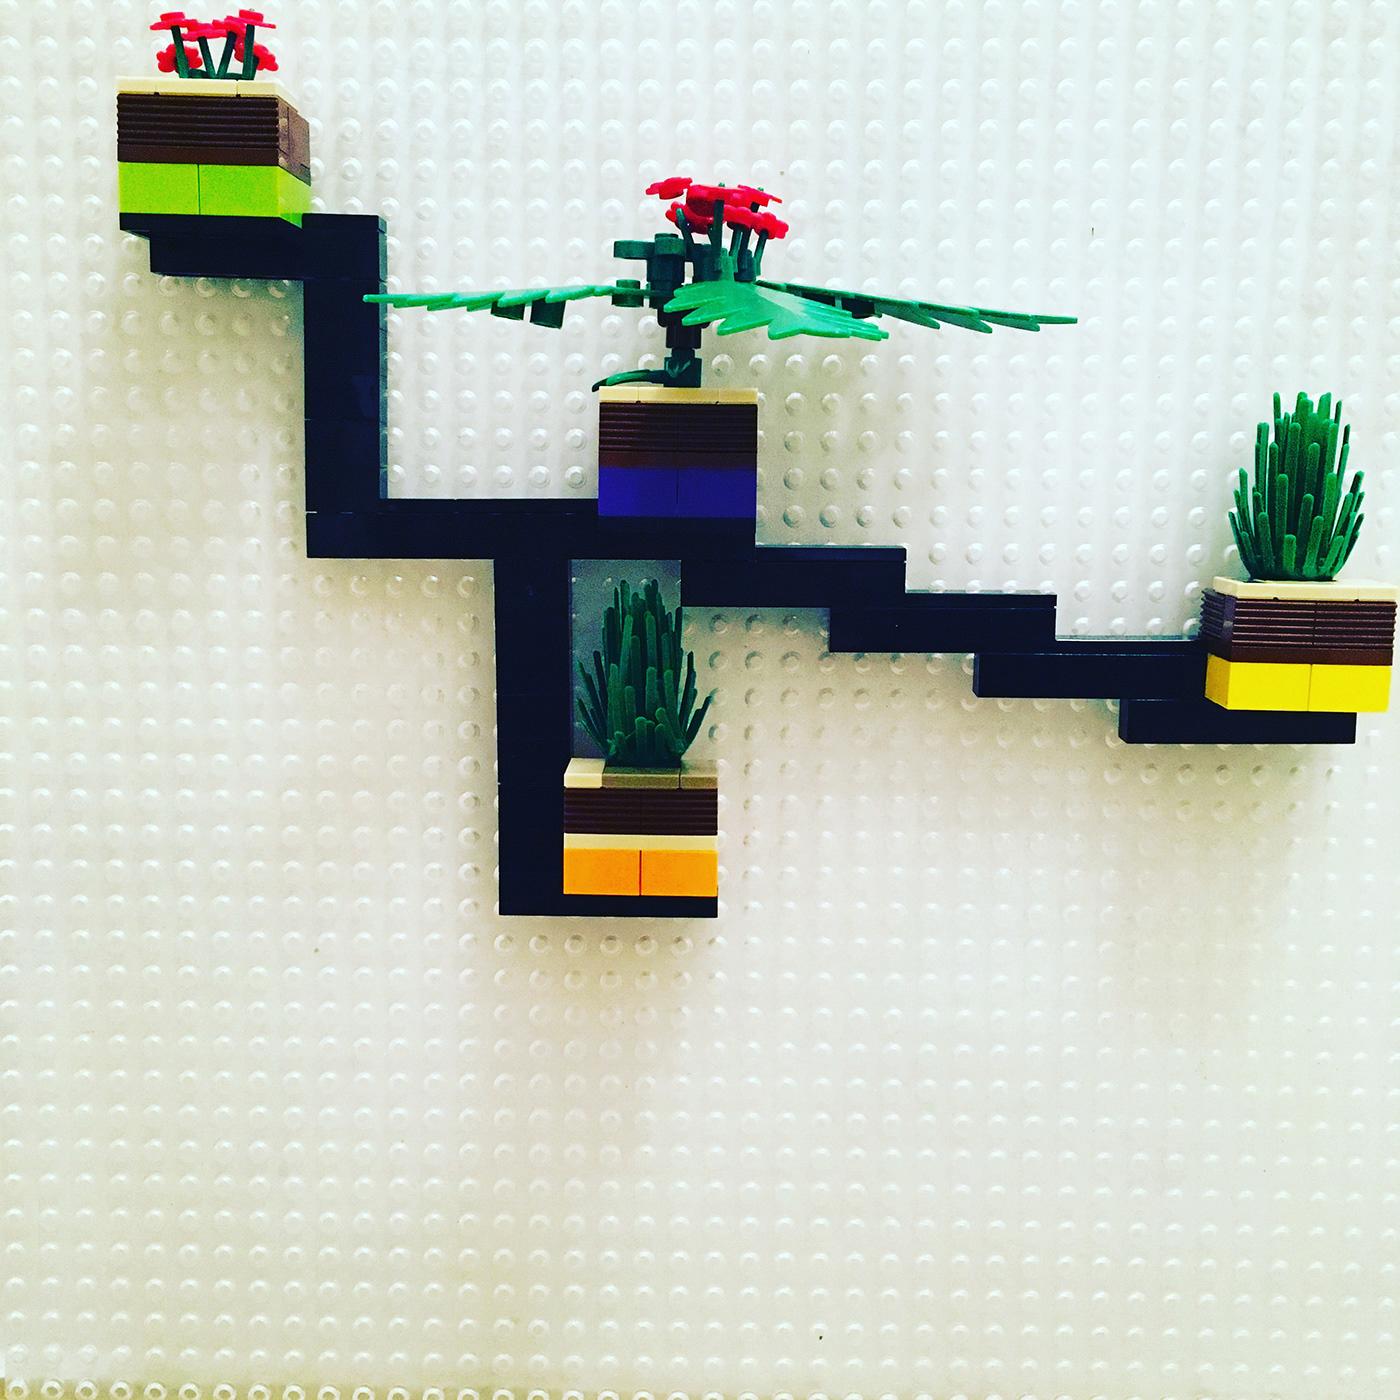 ideas prototipos LEGO bricks validation Prototypes diseño design escaparatismo Shopwindow maquetas Service design